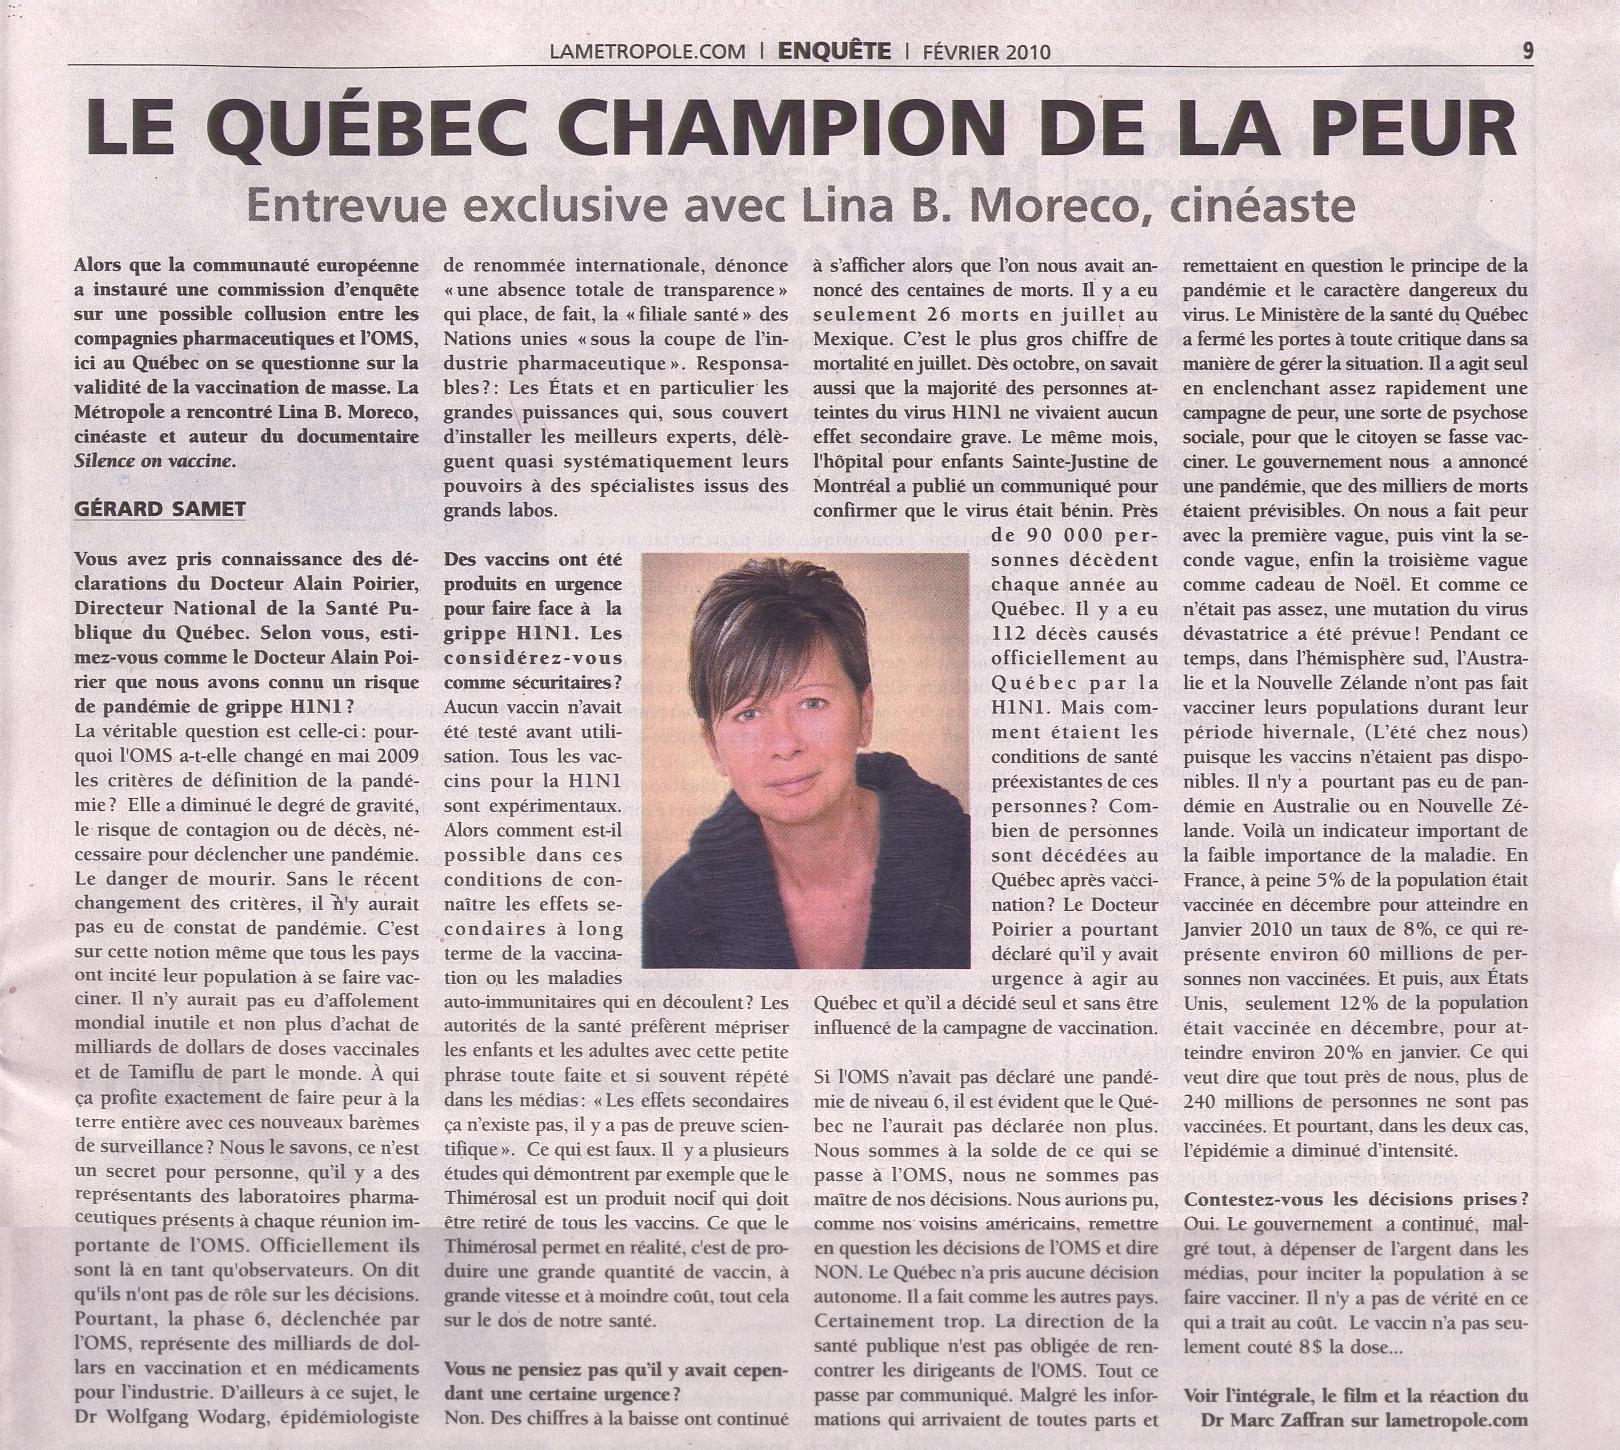 Le Québec champion de la peur avec Lina B. Moreco, cinéast